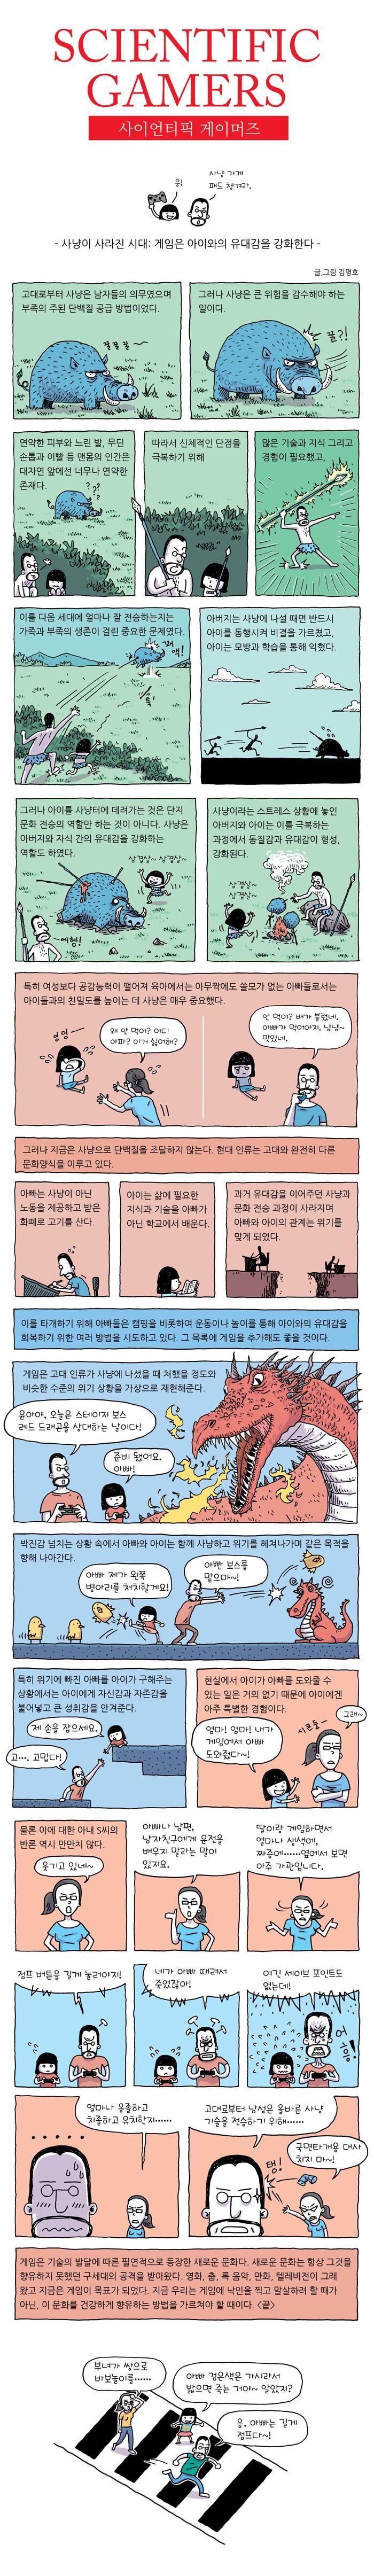 사이언티픽 게이머즈 #2 게임은 아이와의 유대감을 강화한다